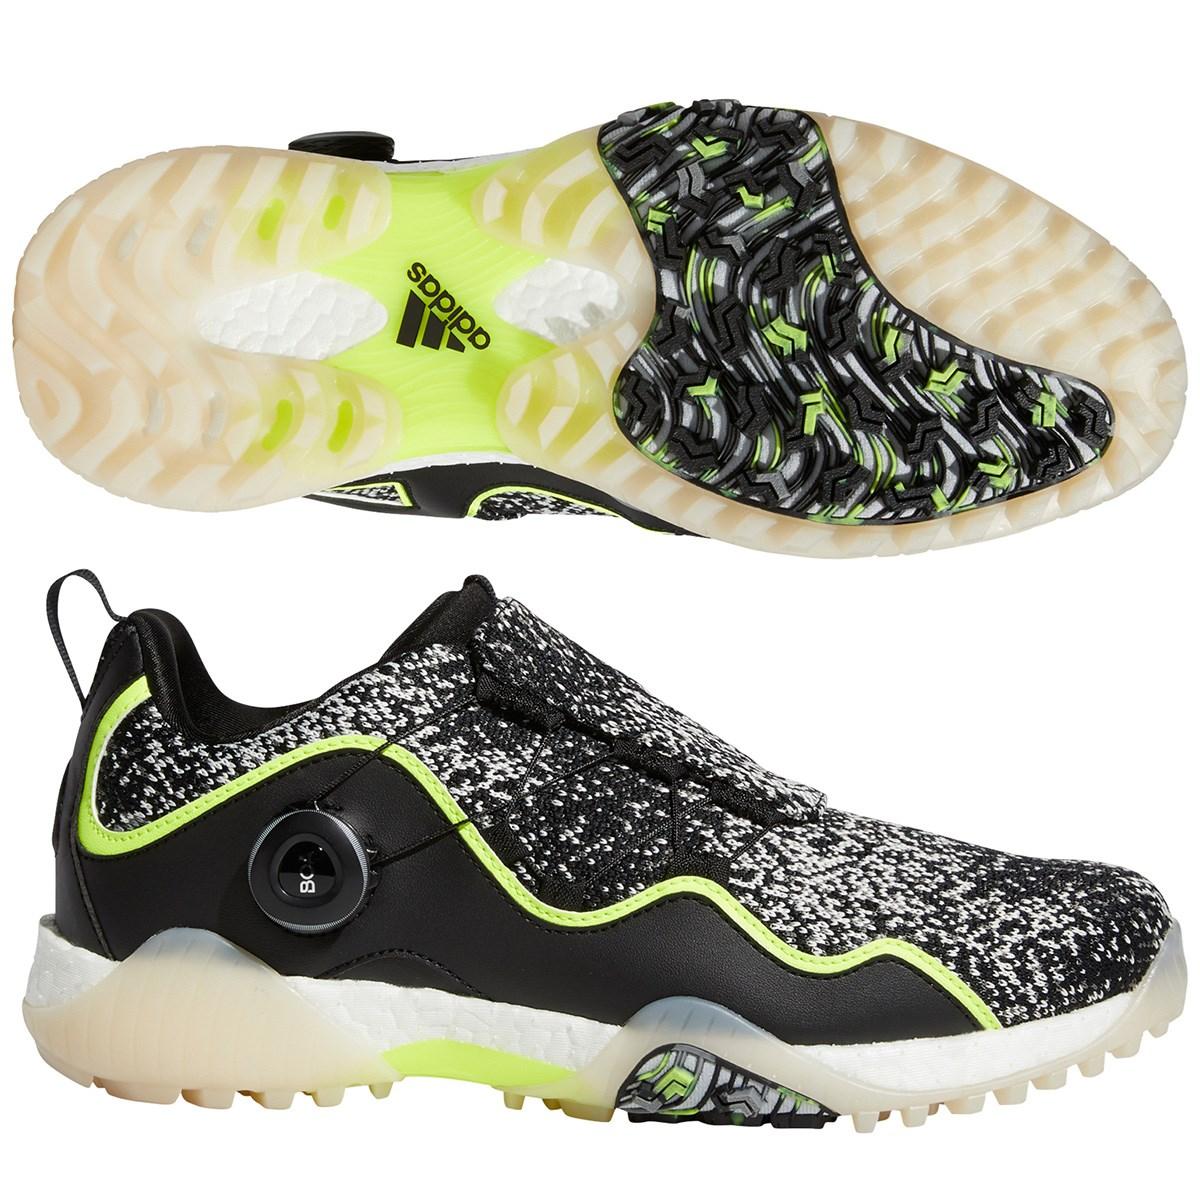 アディダス Adidas コードカオスボア21シューズ 26cm コアブラック/フットウェアホワイト/ソーラーイエロー